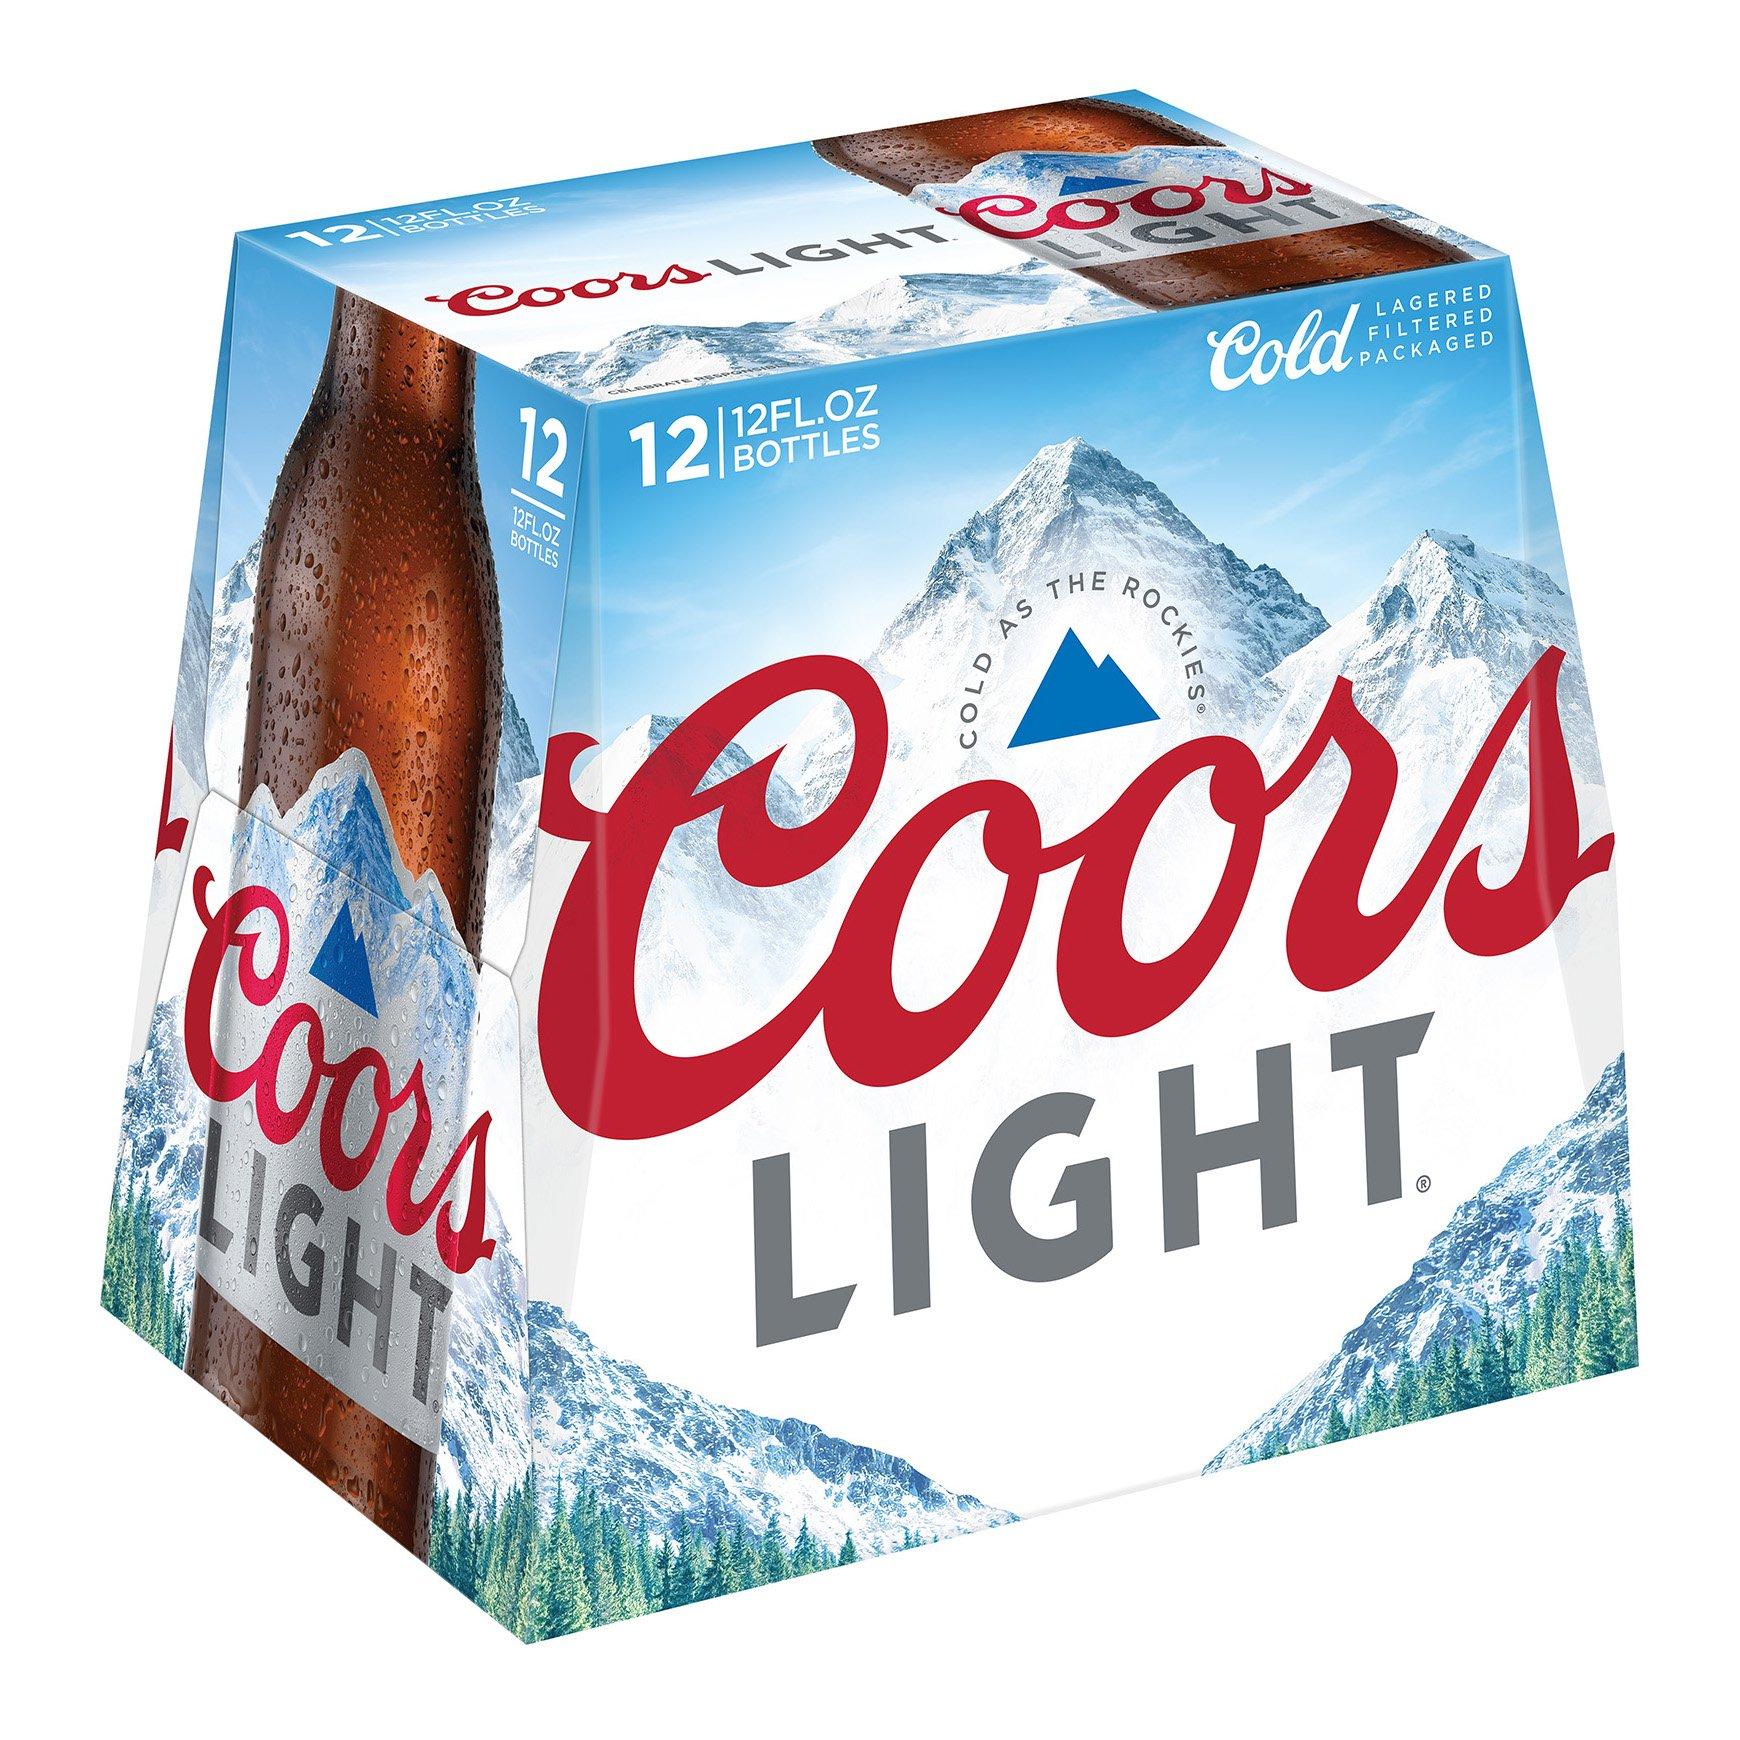 Coors Light Beer 12 Oz Longneck Bottles Shop Beer At H E B